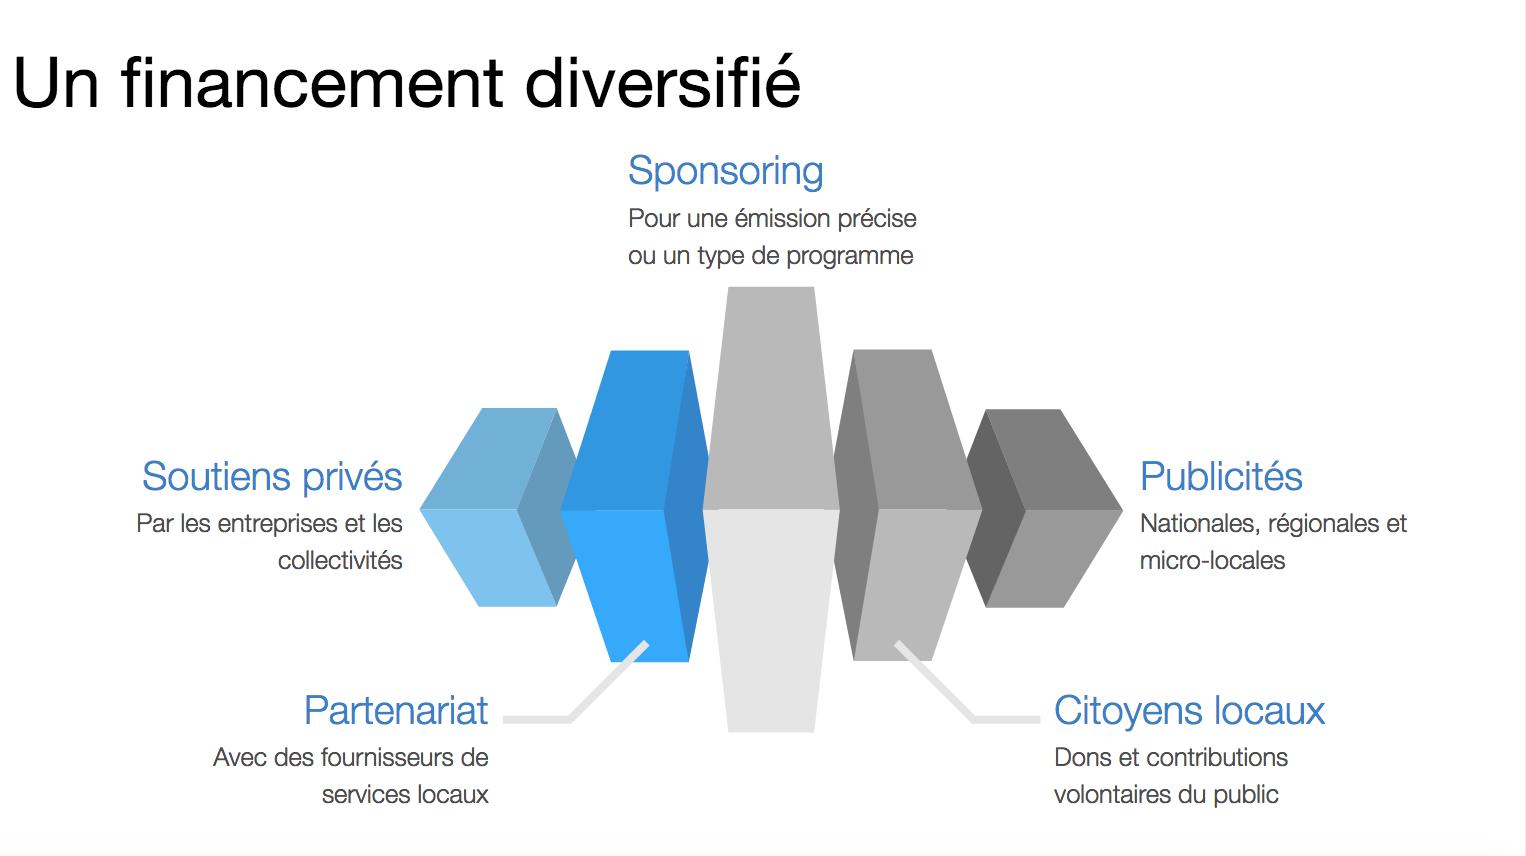 Un financement diversifié